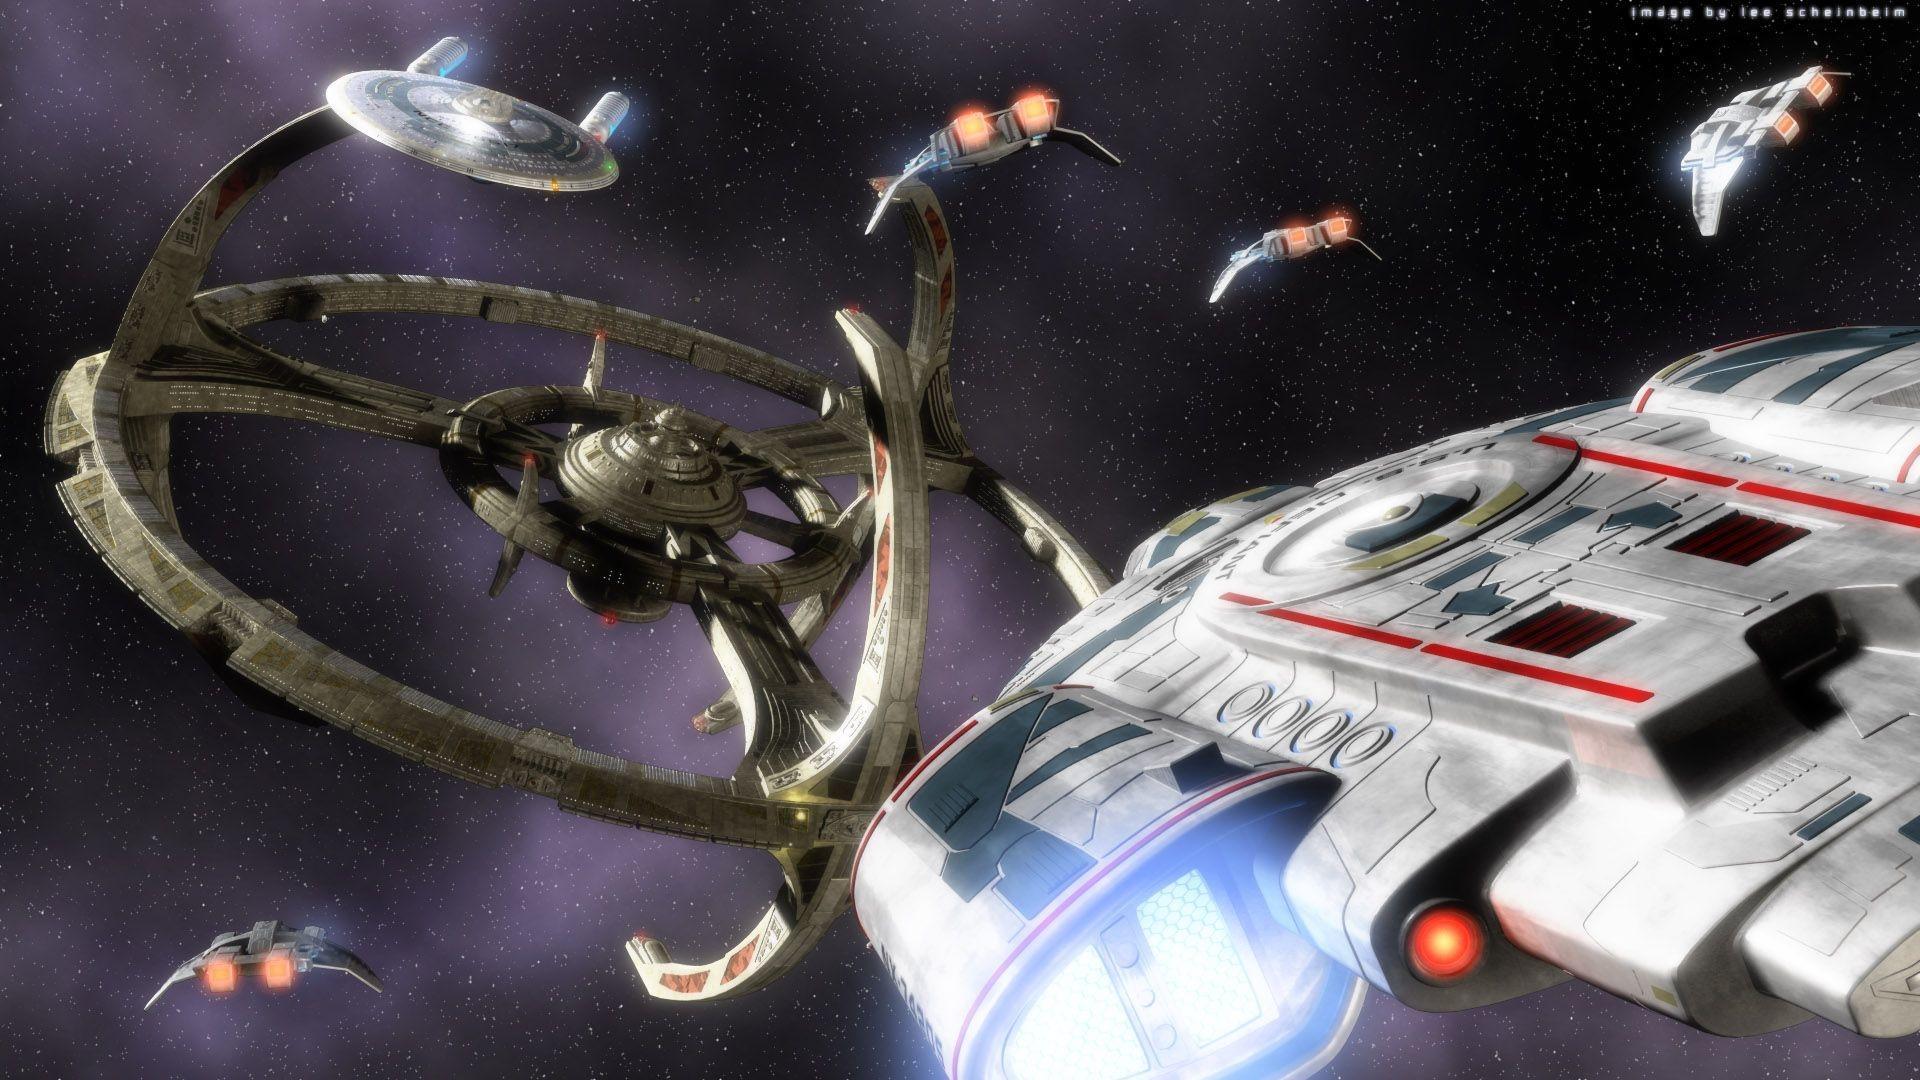 Star wars xxx full free